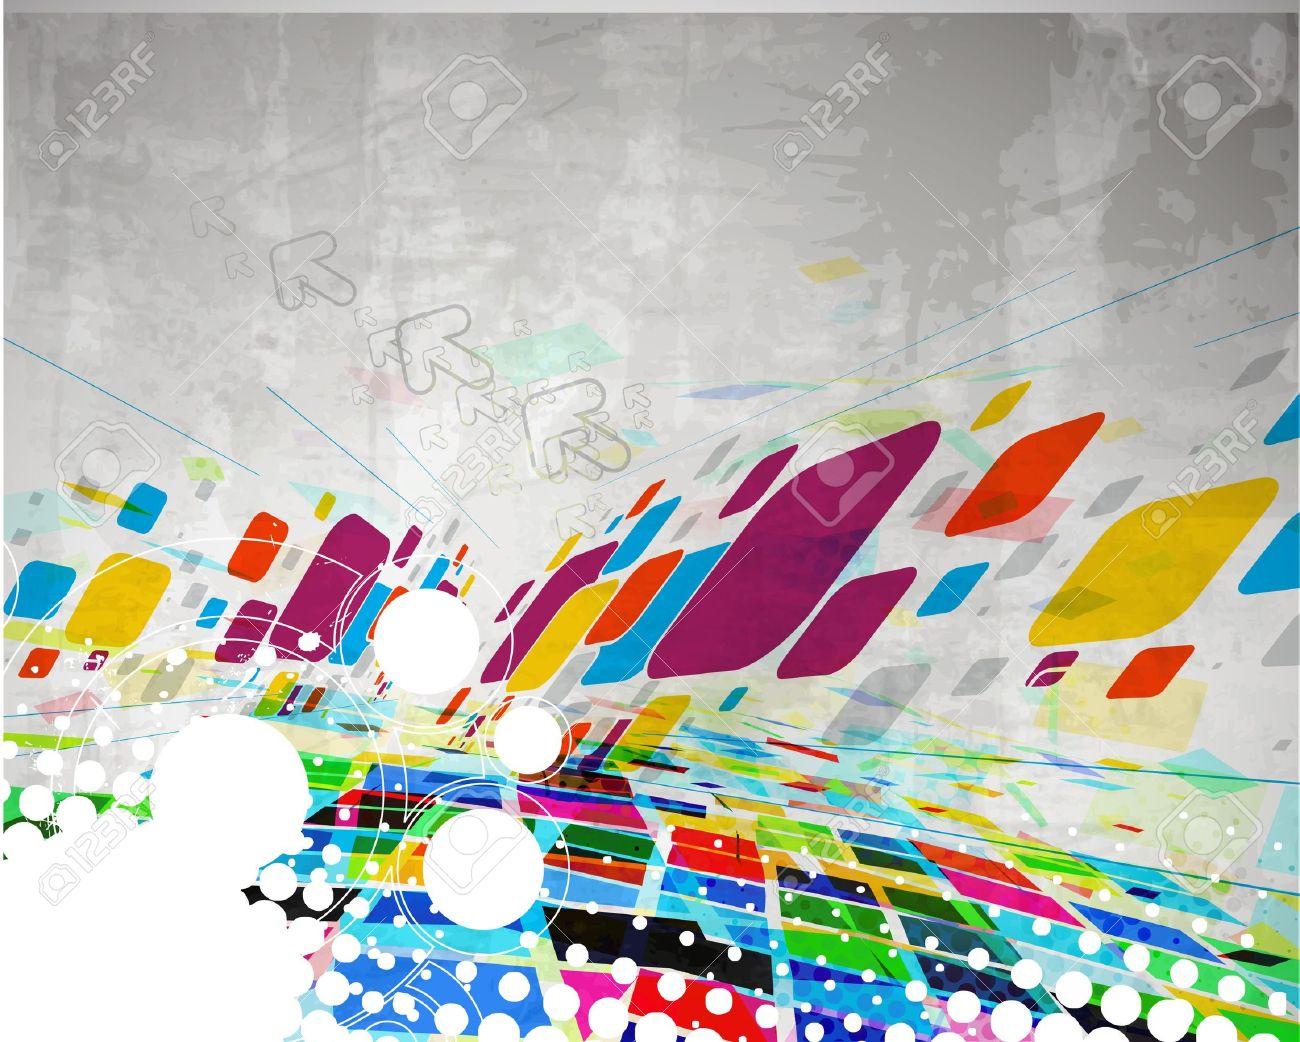 multicolor grunge pattern background a vintage poster design